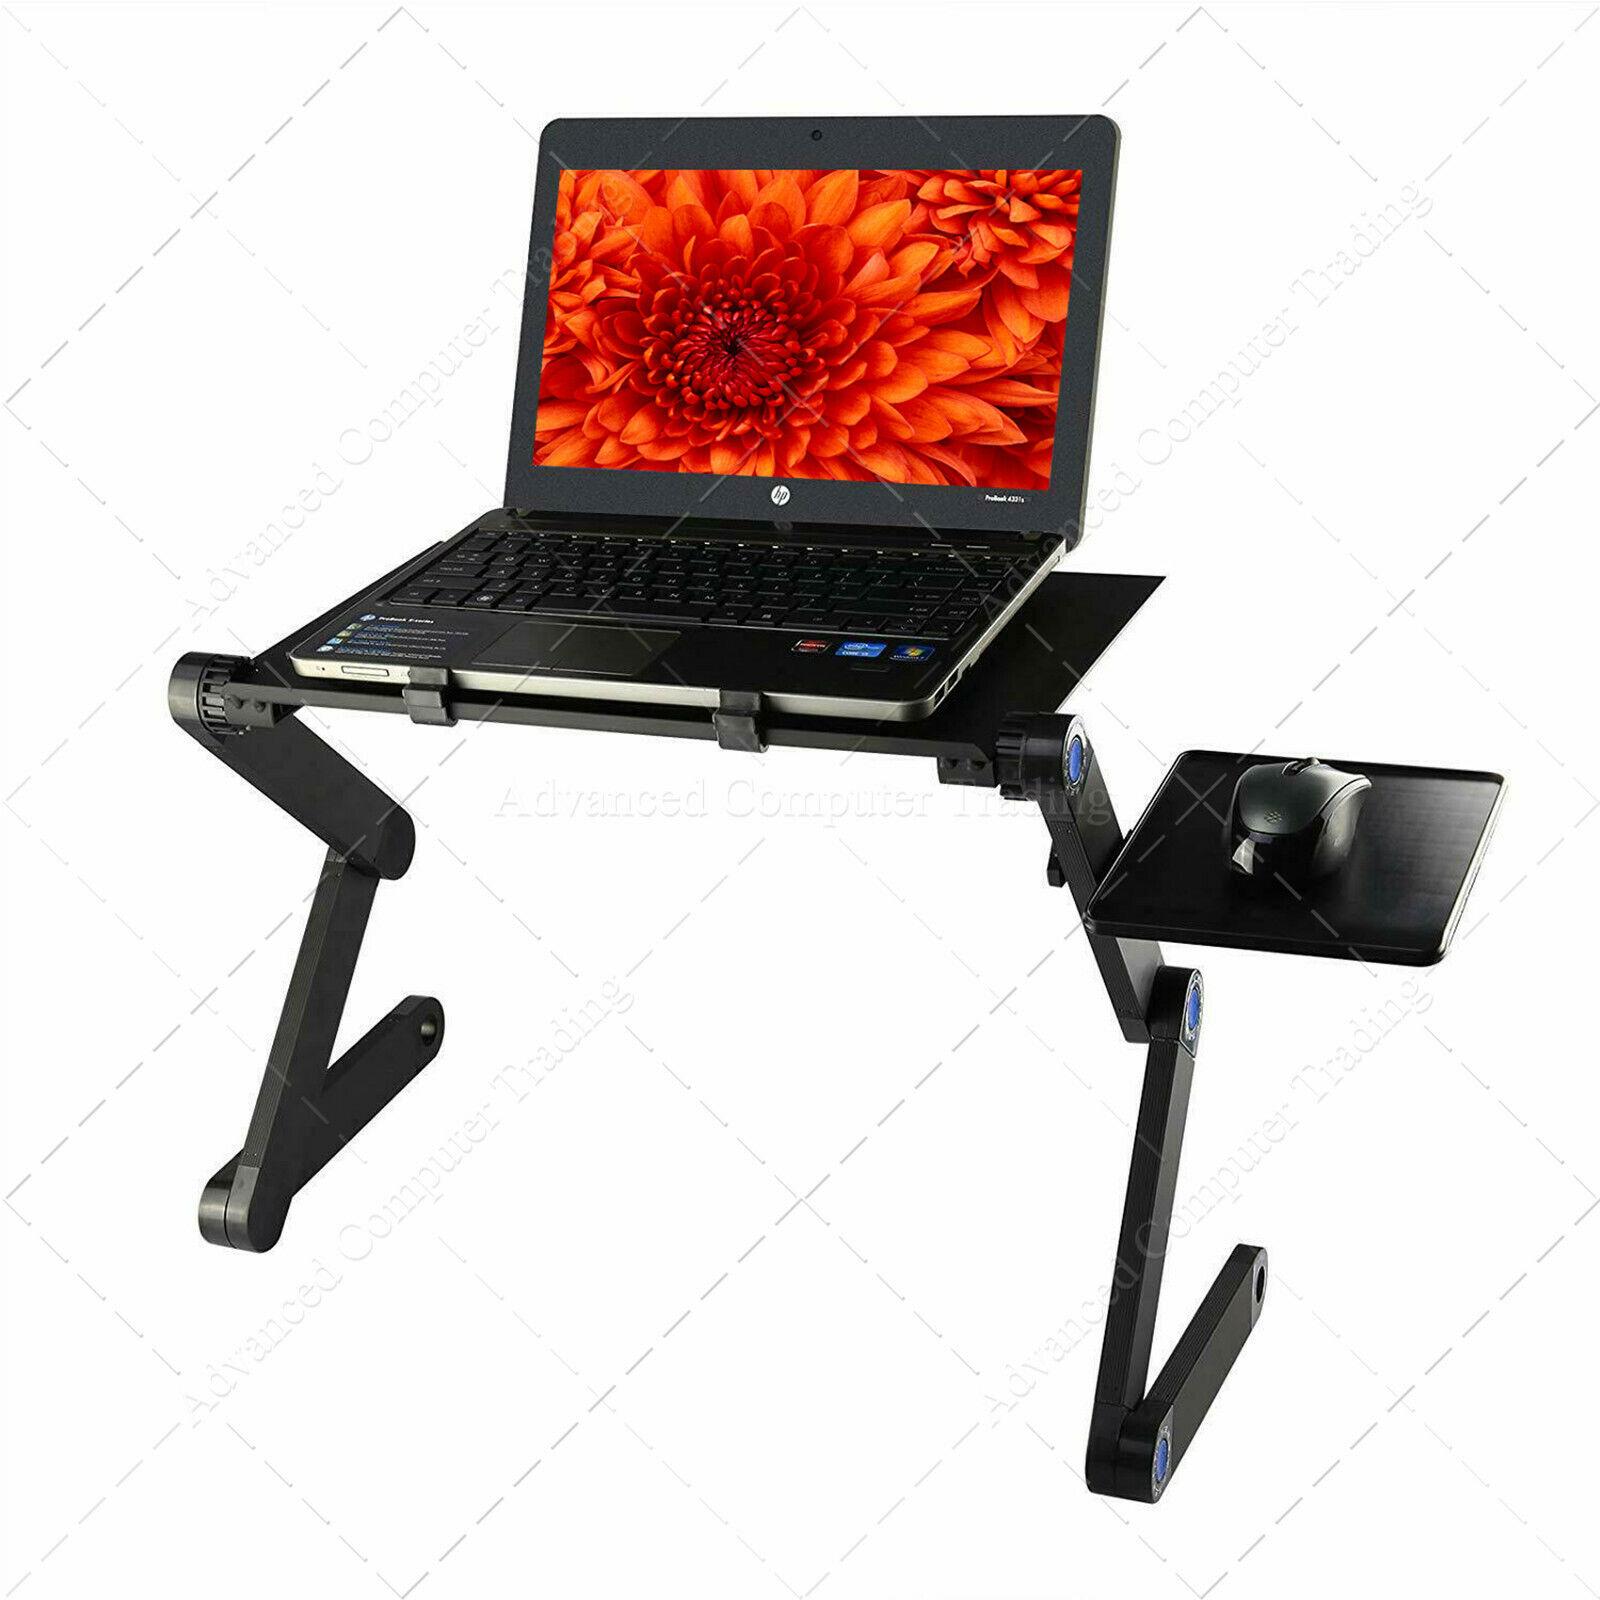 Mesa para Ordenador, Base Ajustable y Plegable para Laptop Soporte ratón